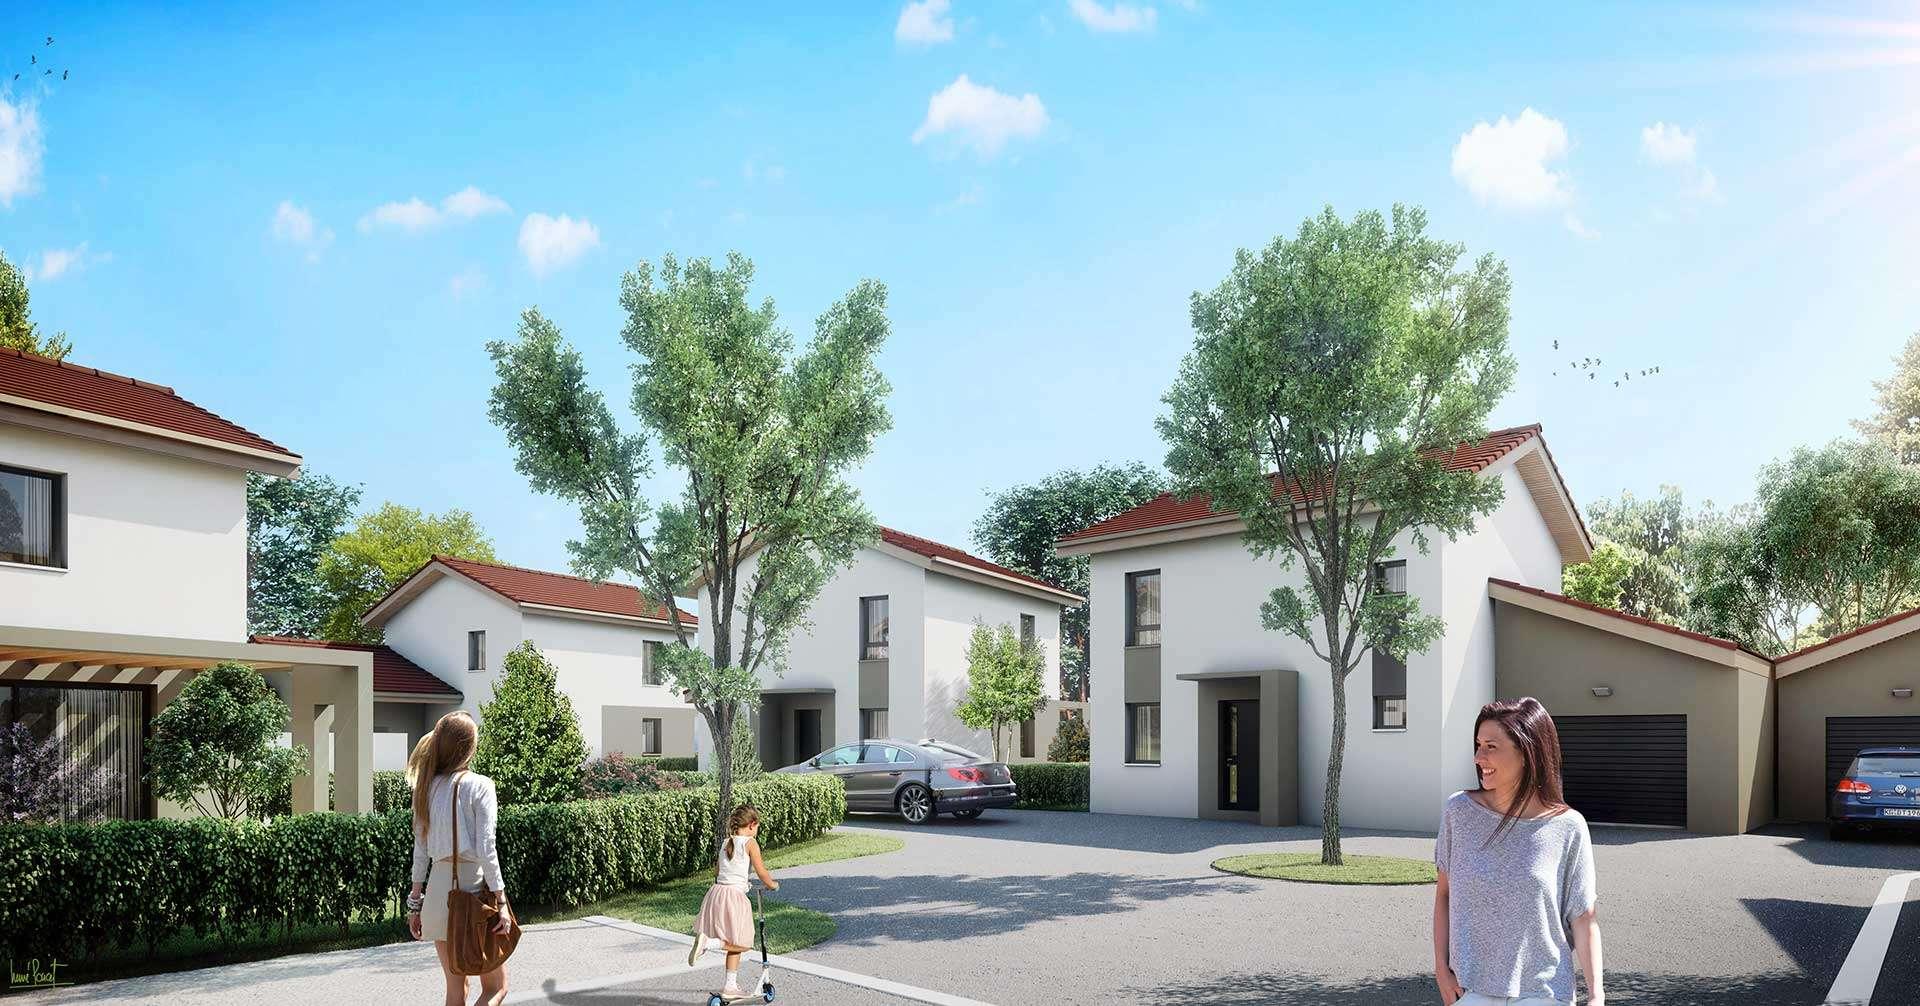 Programme Immobilier Habitat Dauphinois Clos Parmelie